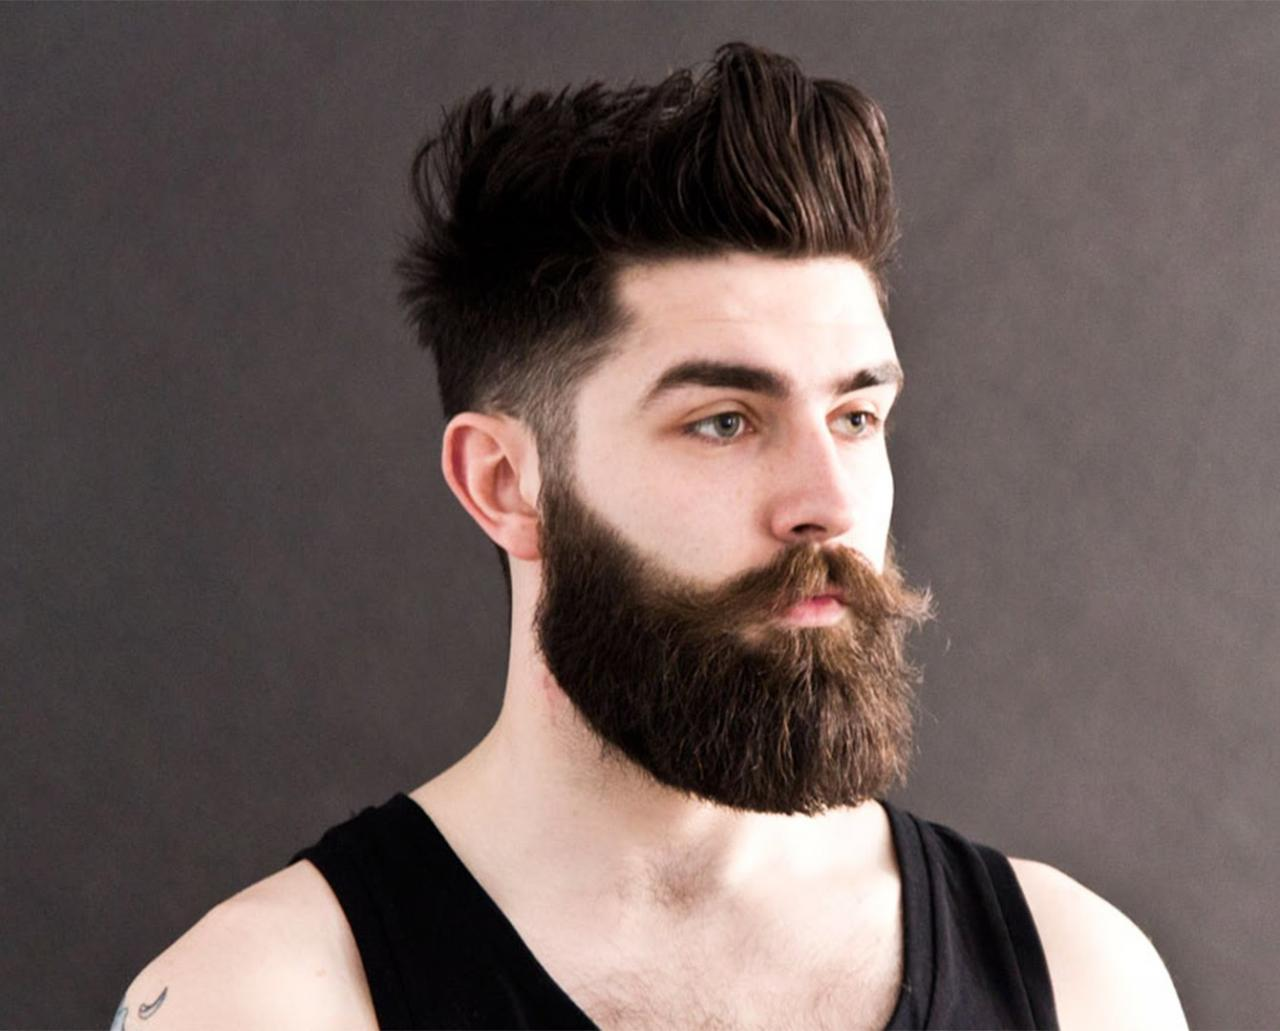 صورة طريقة رفع الشعر للرجال , عايزة فكرة عشان ارفع بيها شعري